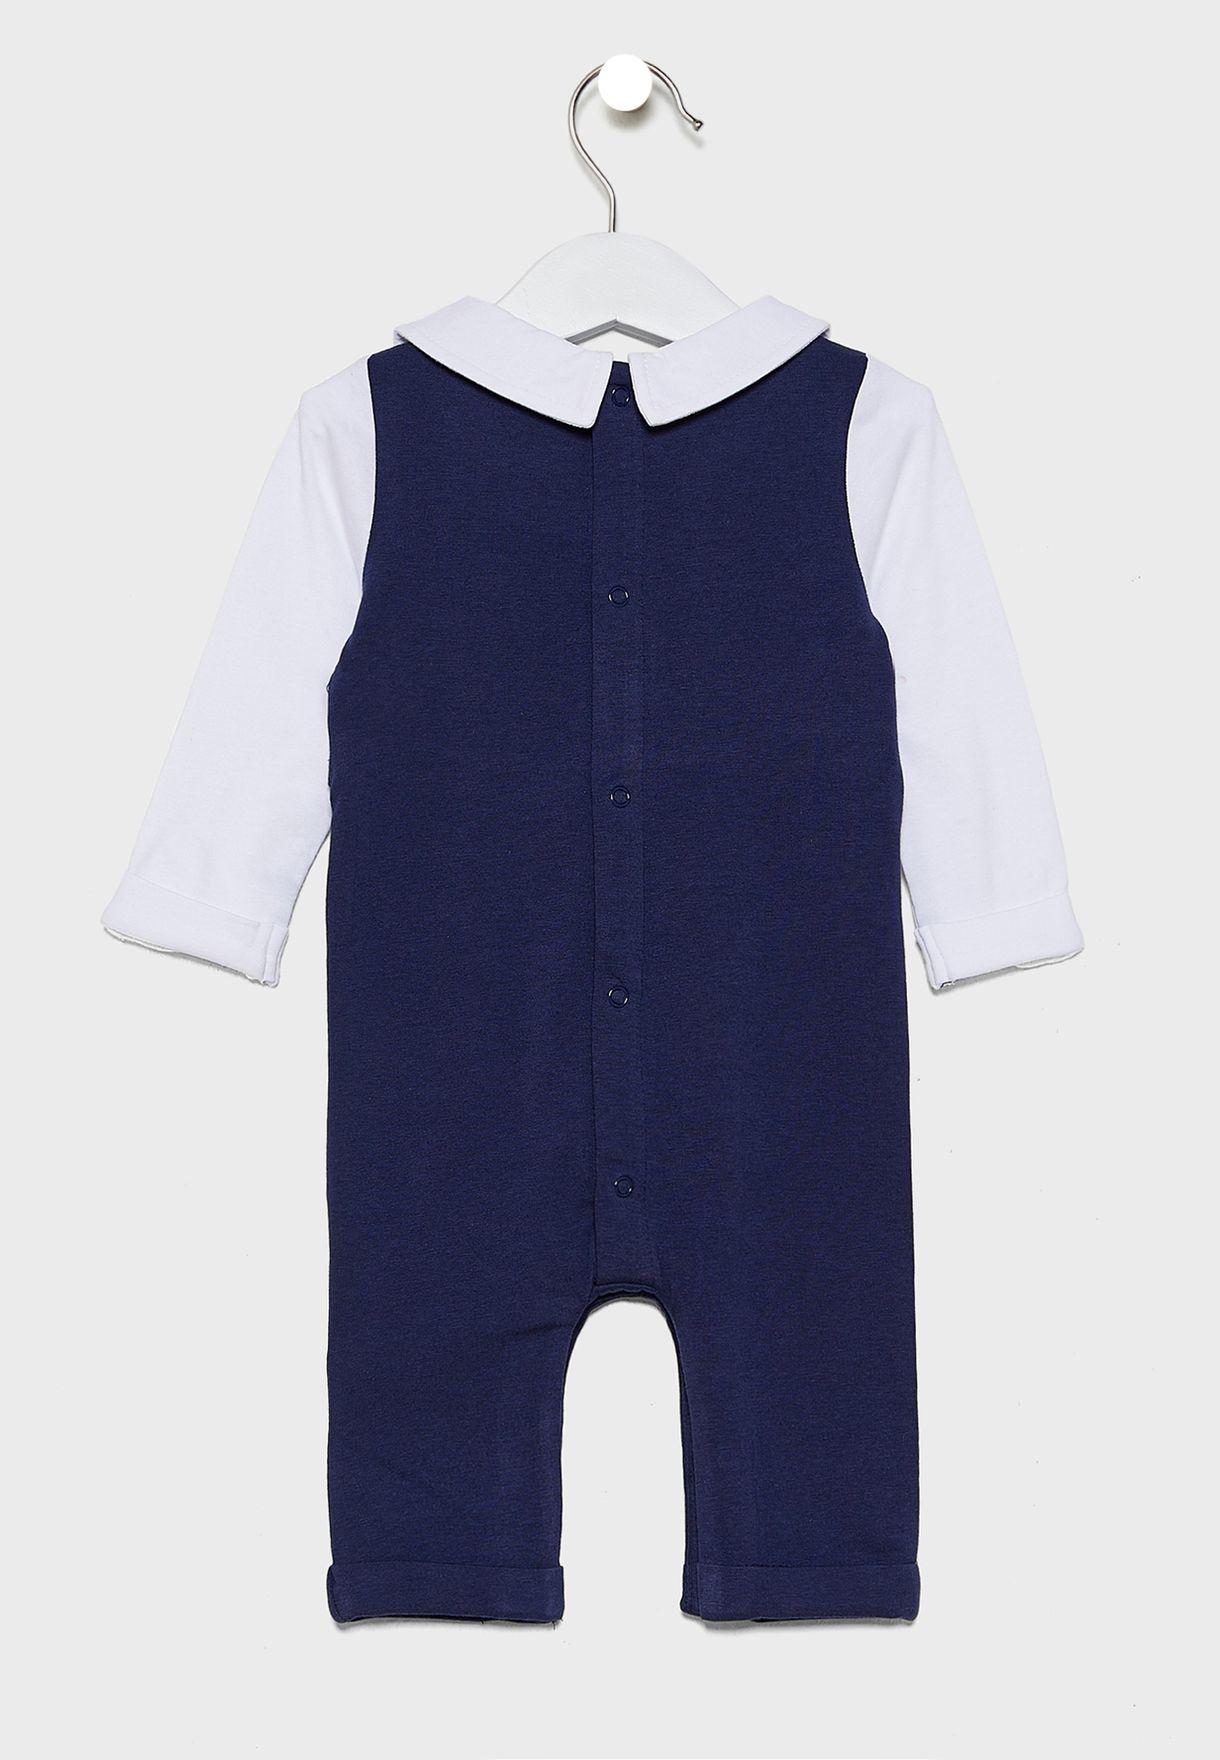 Infant Classic Waistcoat